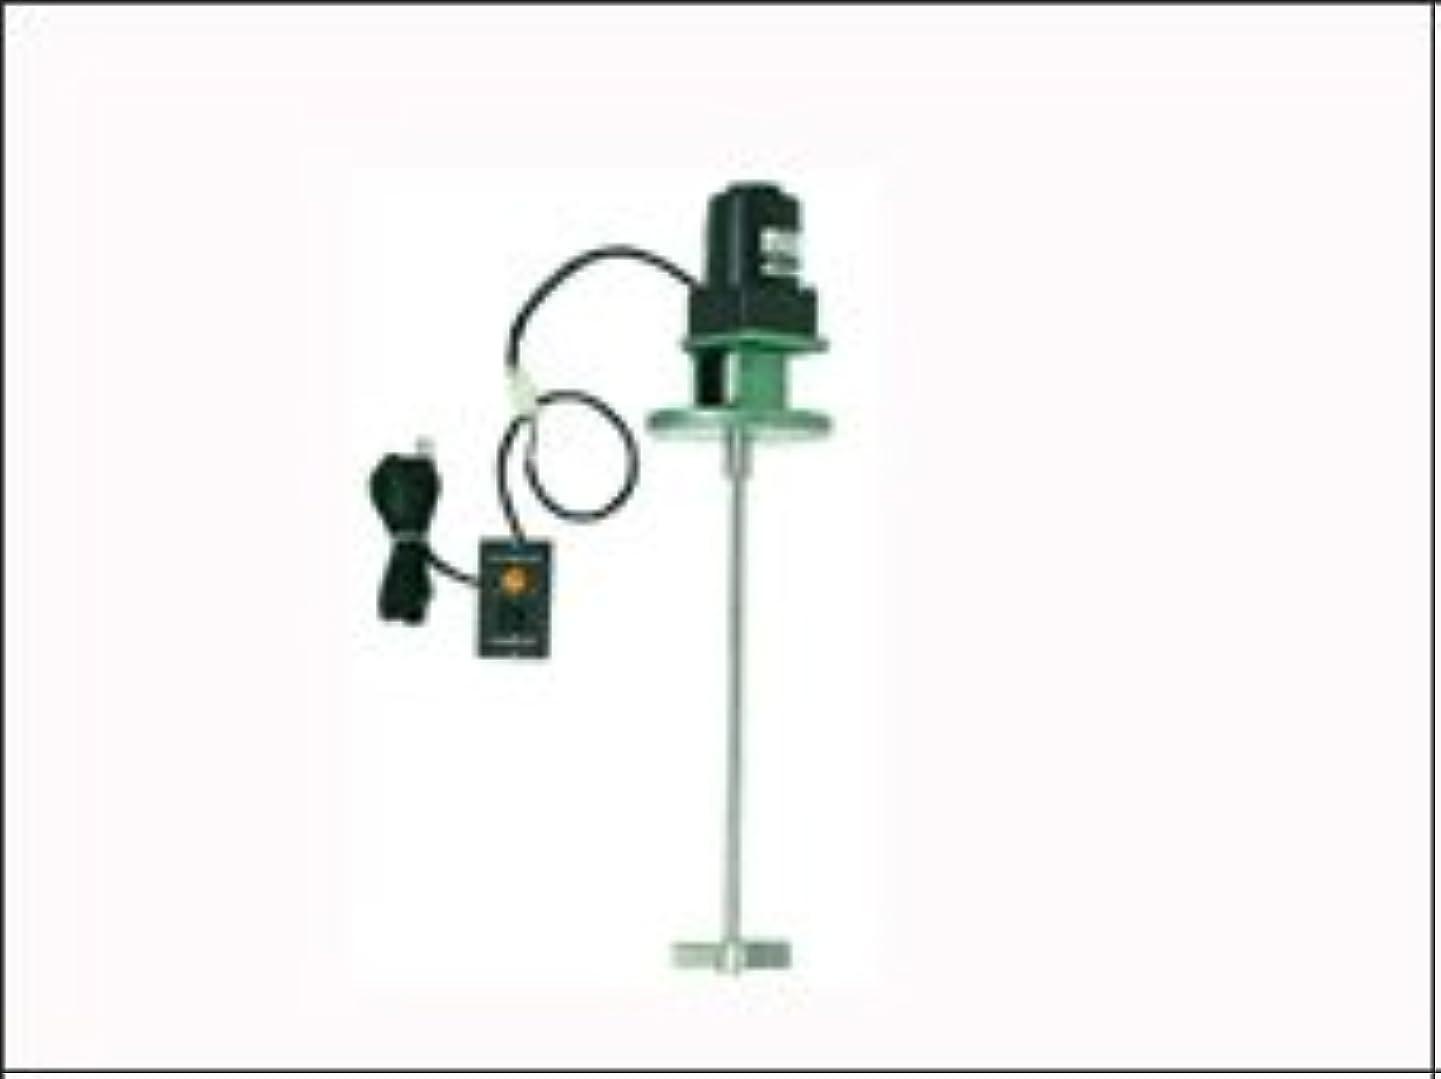 ミニ警報ガイドライン小型薬注タンク用攪拌機 KVO-4008